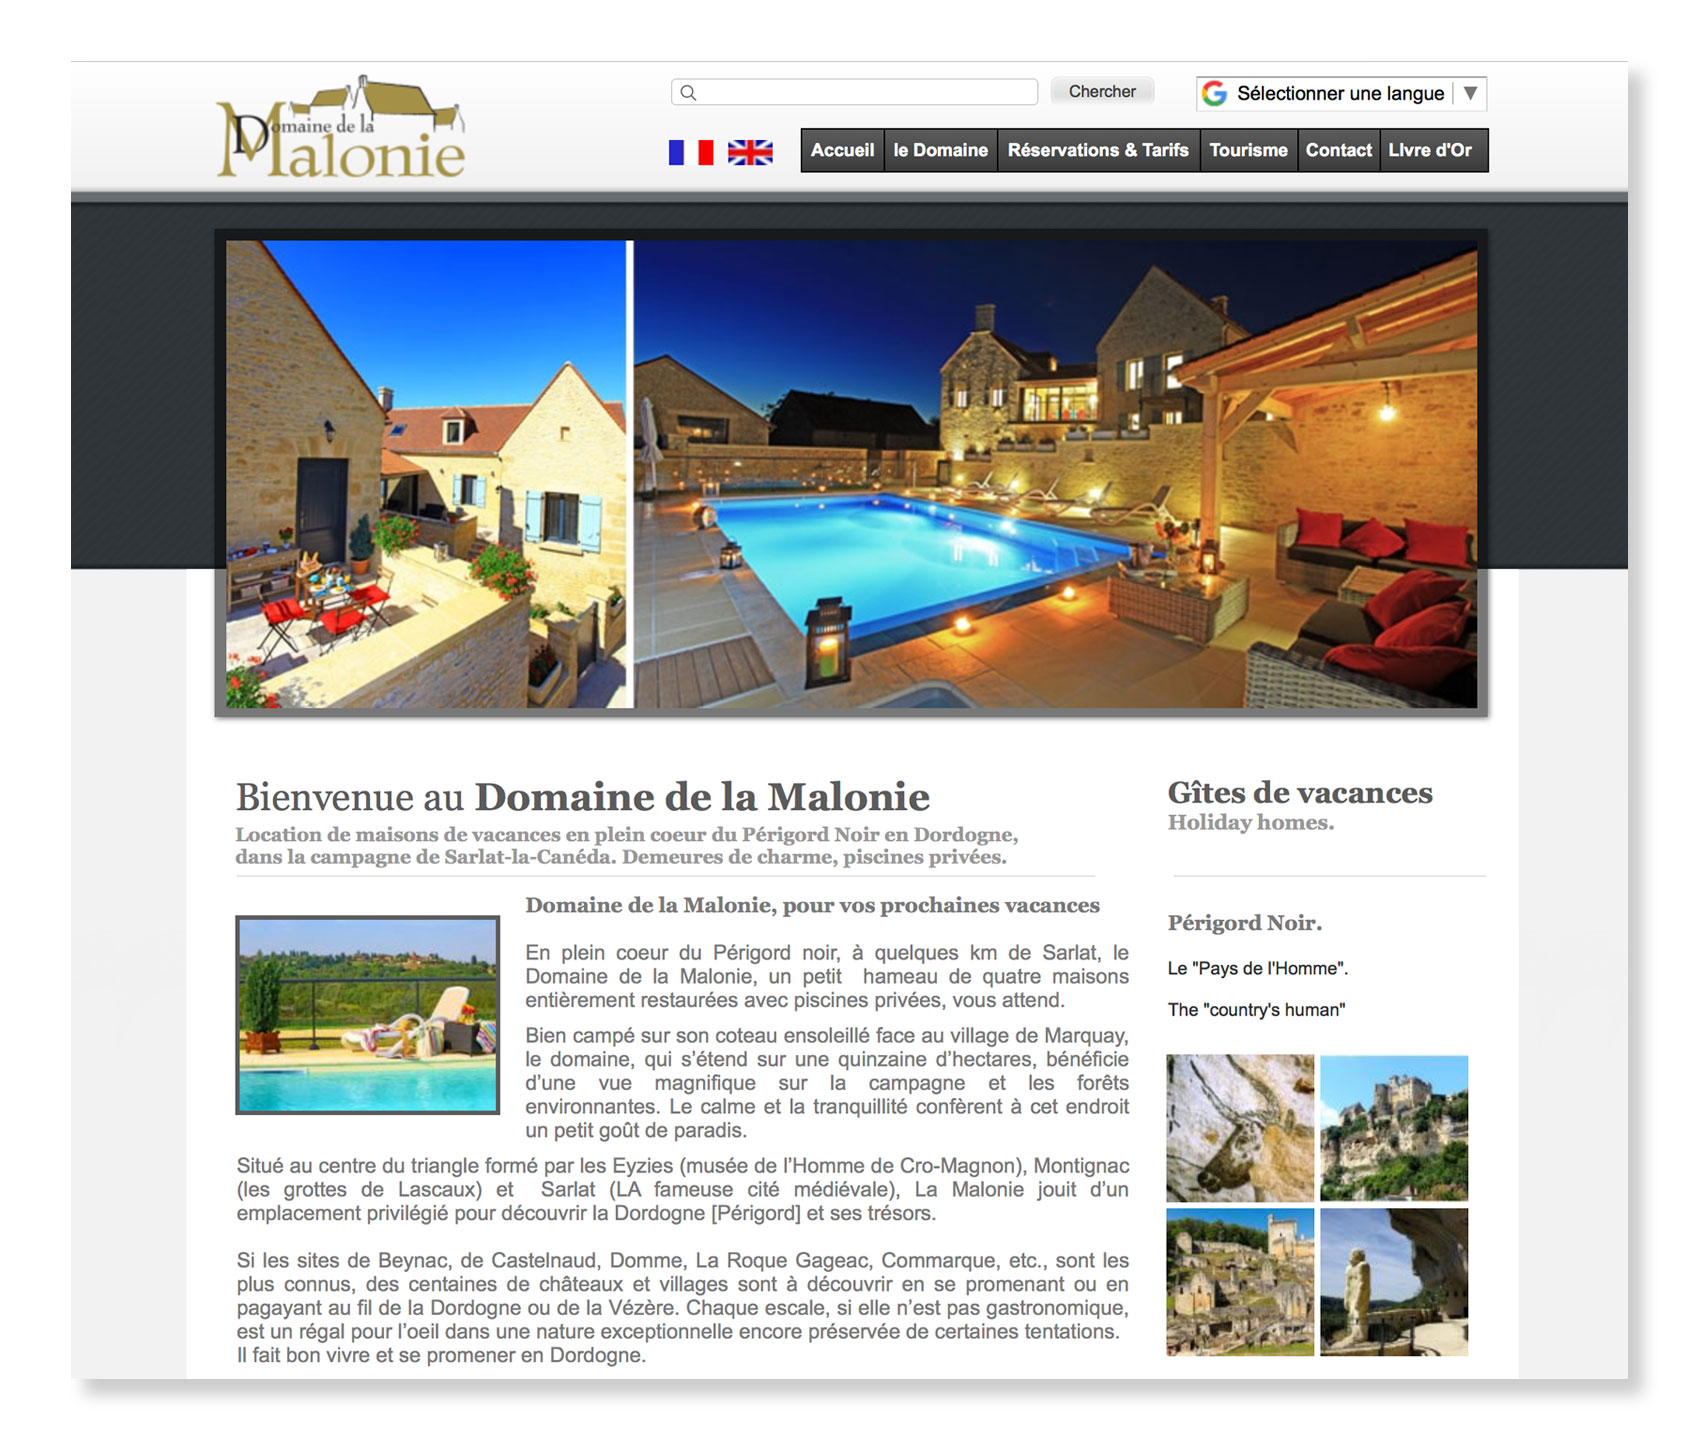 Domaine de la Malonie, Location de maisons de vacances en plein coeur du Périgord Noir en Dordogne : Site réalisé par Pictopagina, création de sites internet à Gourdon